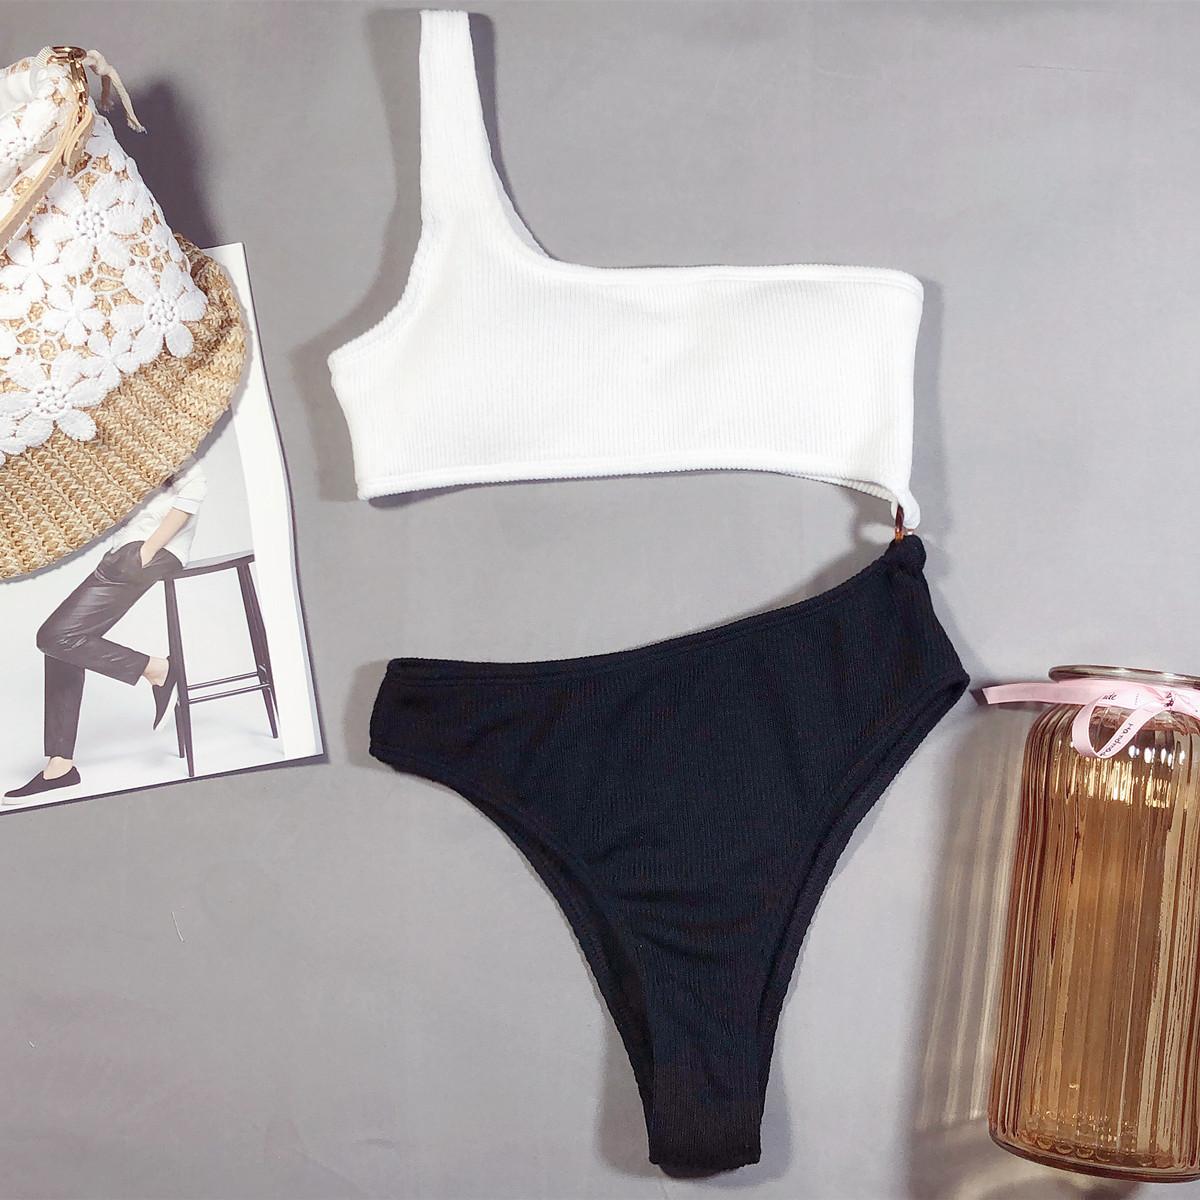 Сдельный черно-белый купальник бикини с открытым животом